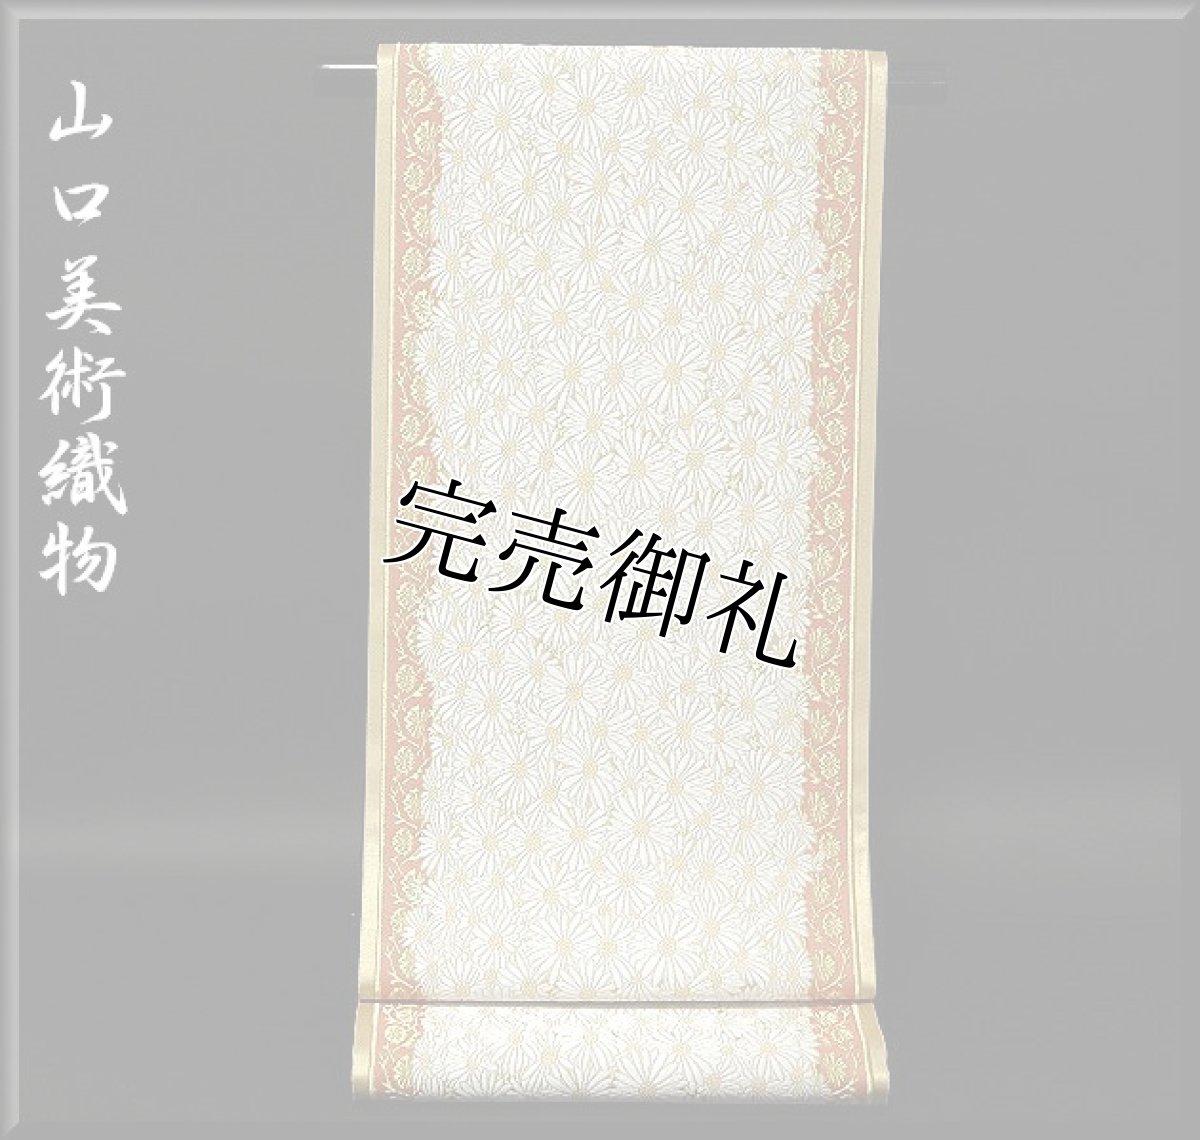 画像1: ■山口美術織物謹製 献上春菊文 唐織錦 袋帯■ (1)